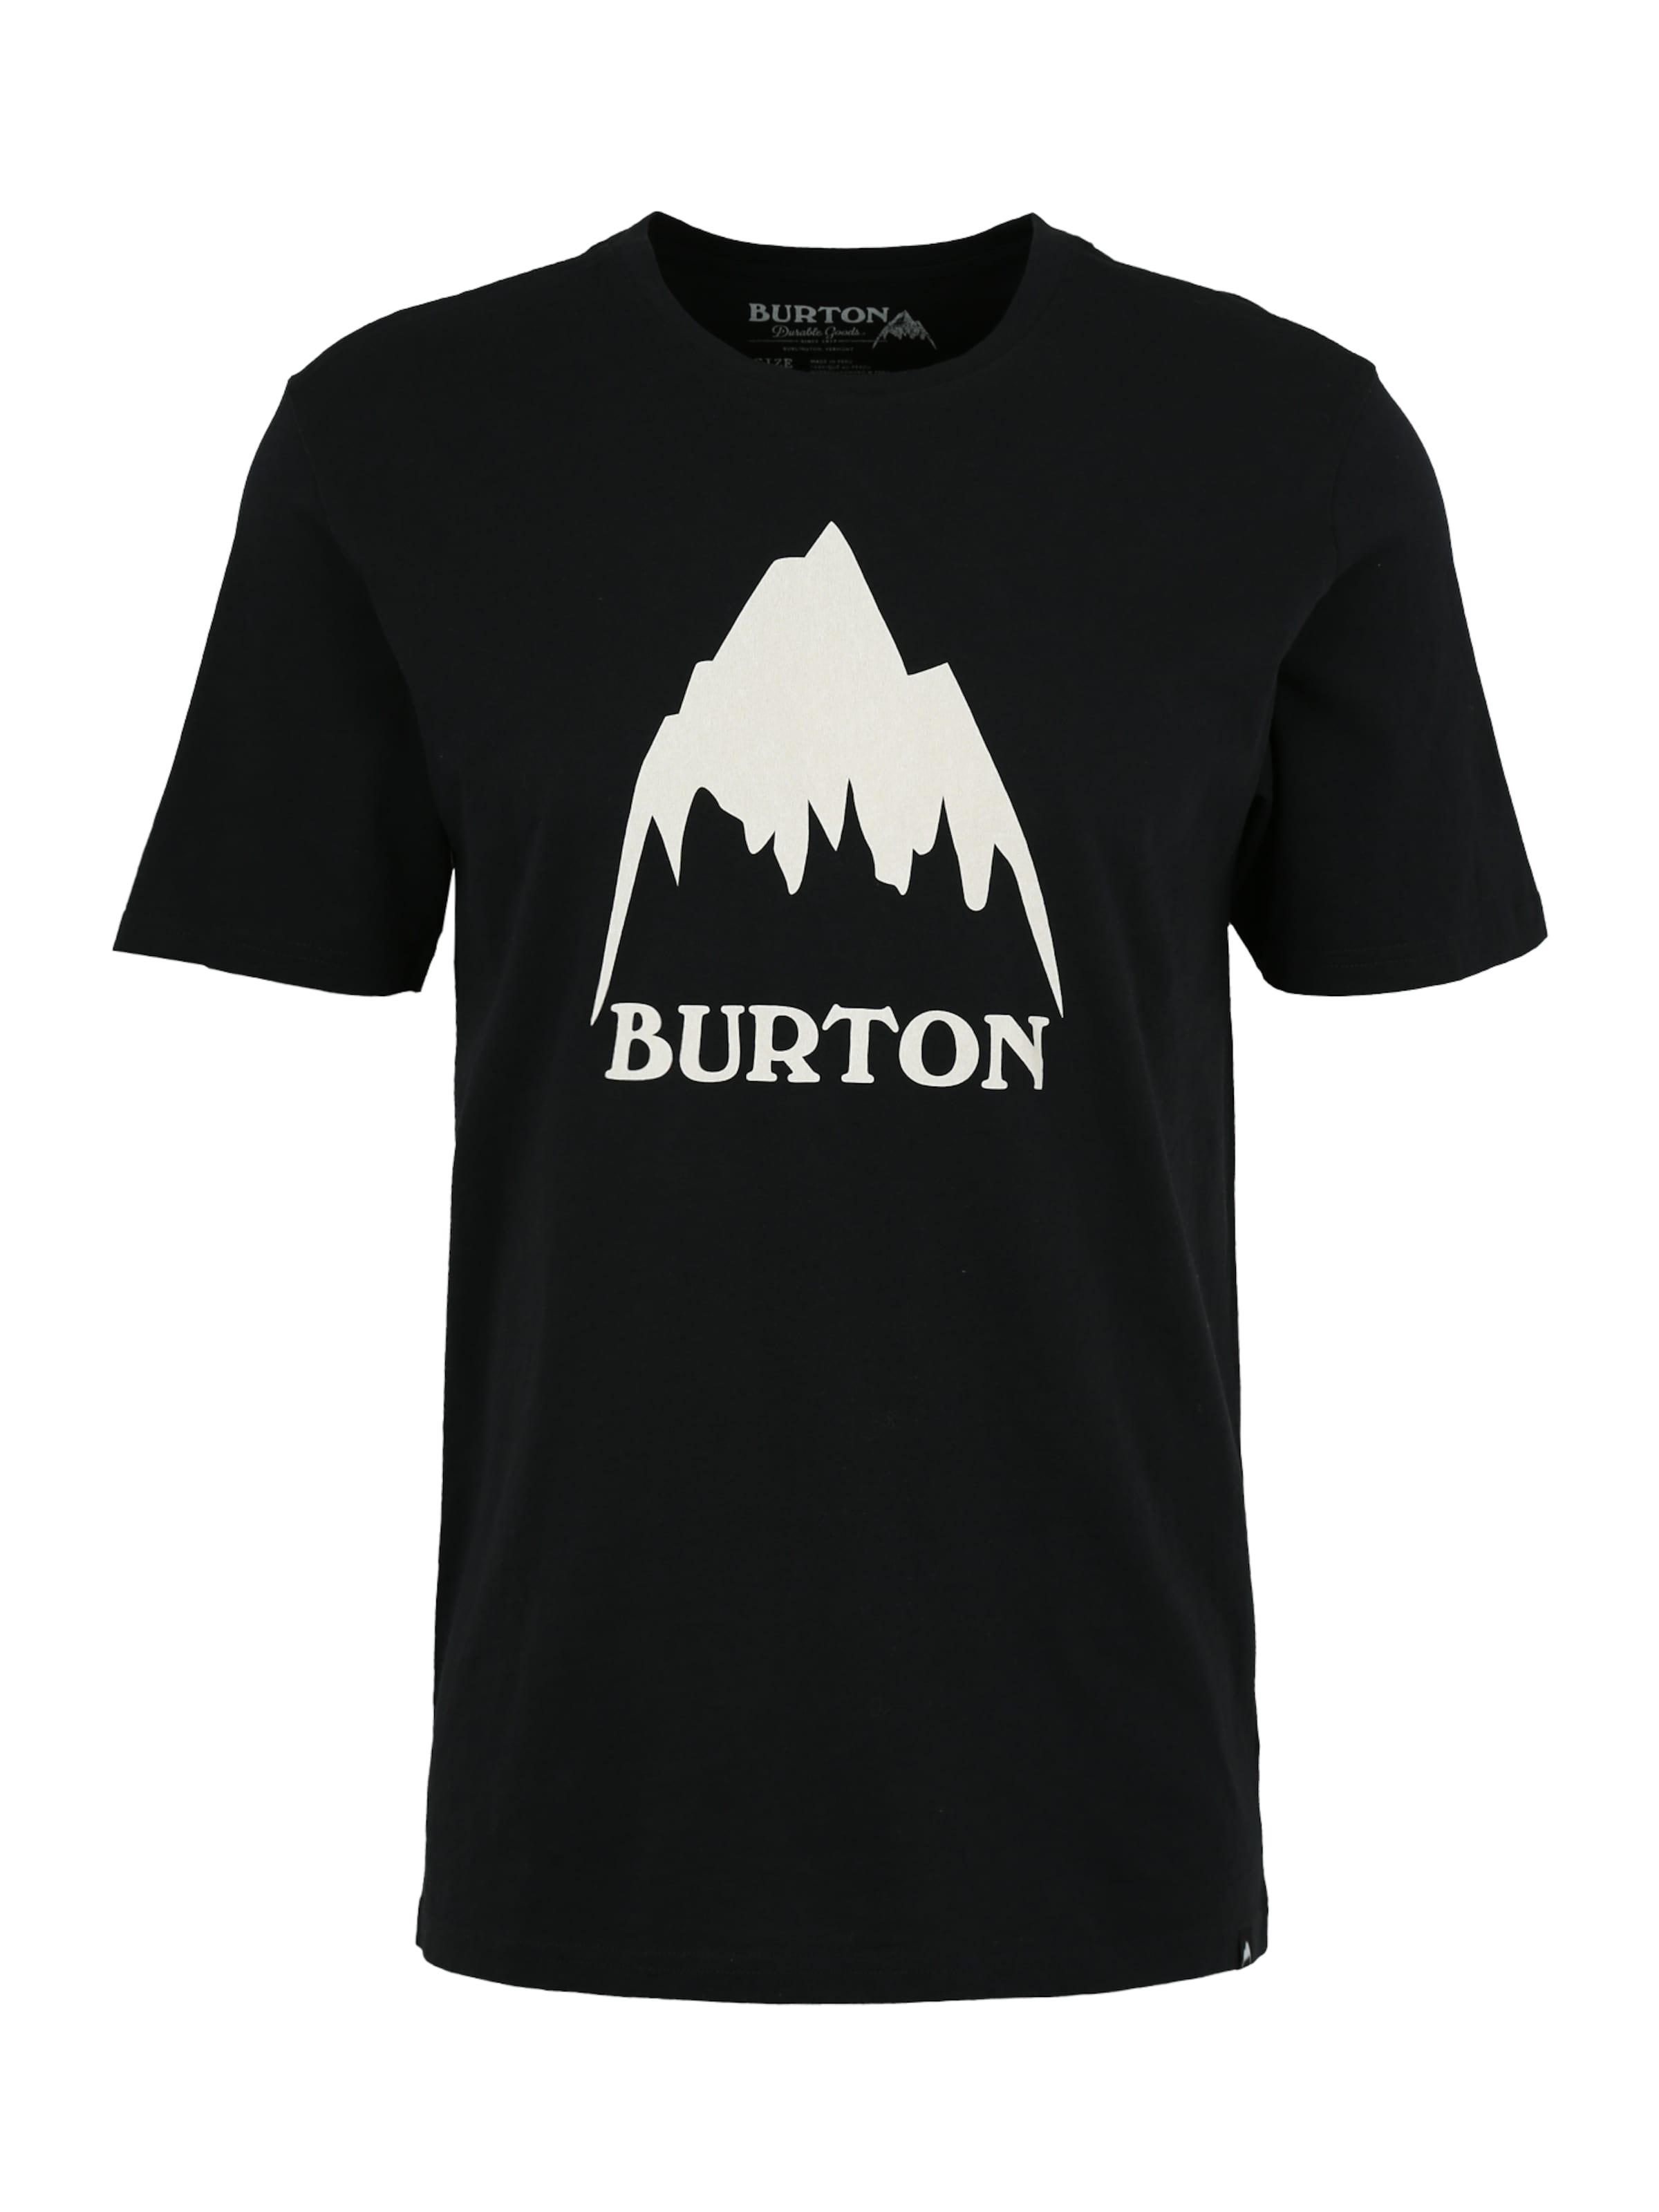 Aus Deutschland Günstigem Preis BURTON Sportshirt mit Frontprint Bilder Günstig Online pWbWJpEJ